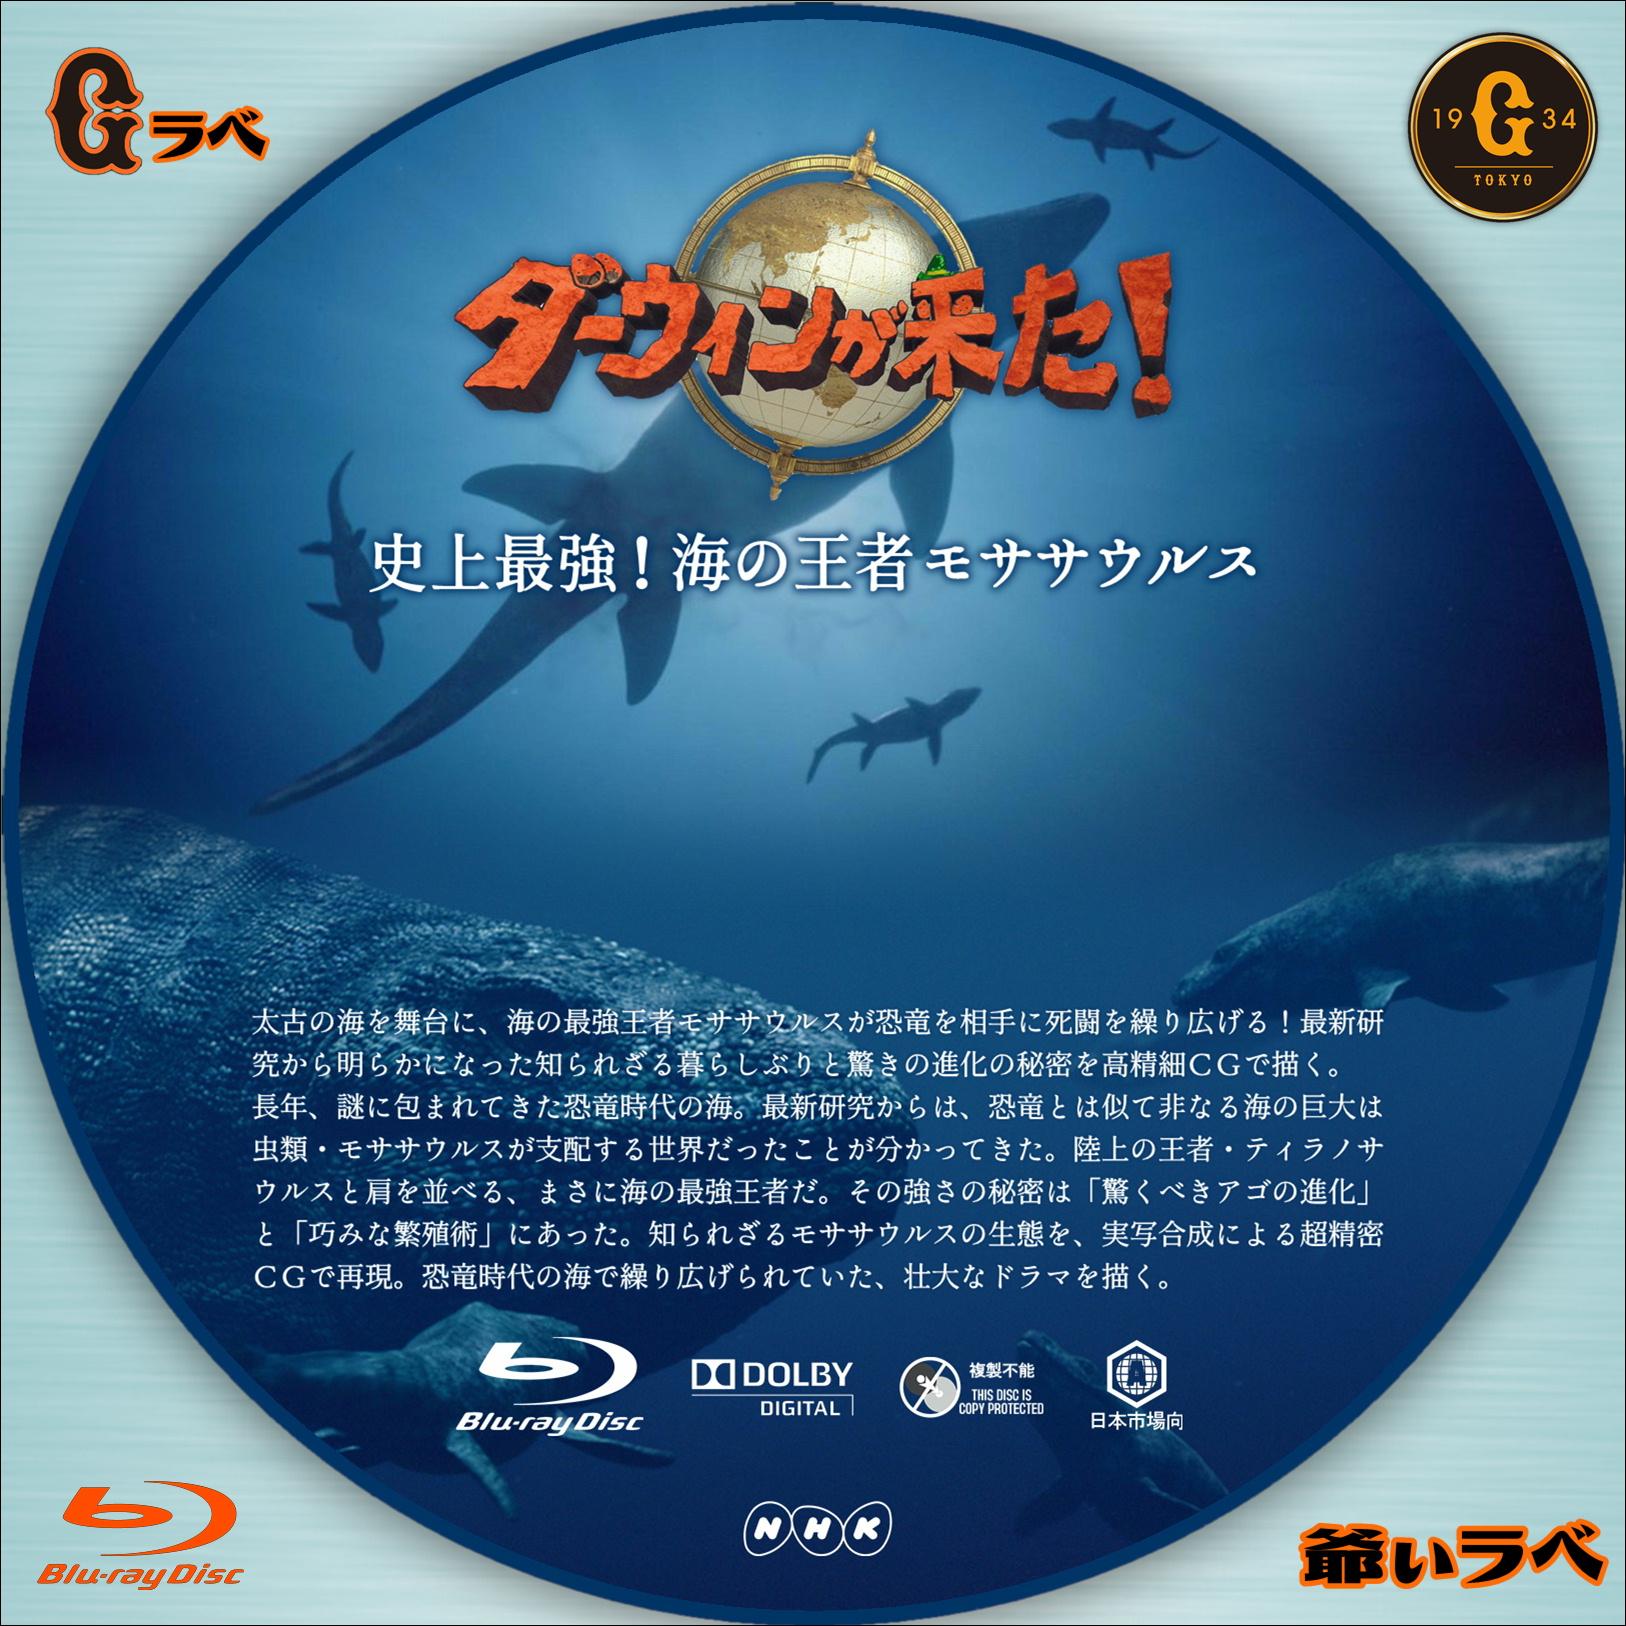 ダーウィンが来た!「史上最強!海の王者モササウルス」(Blu-ray)